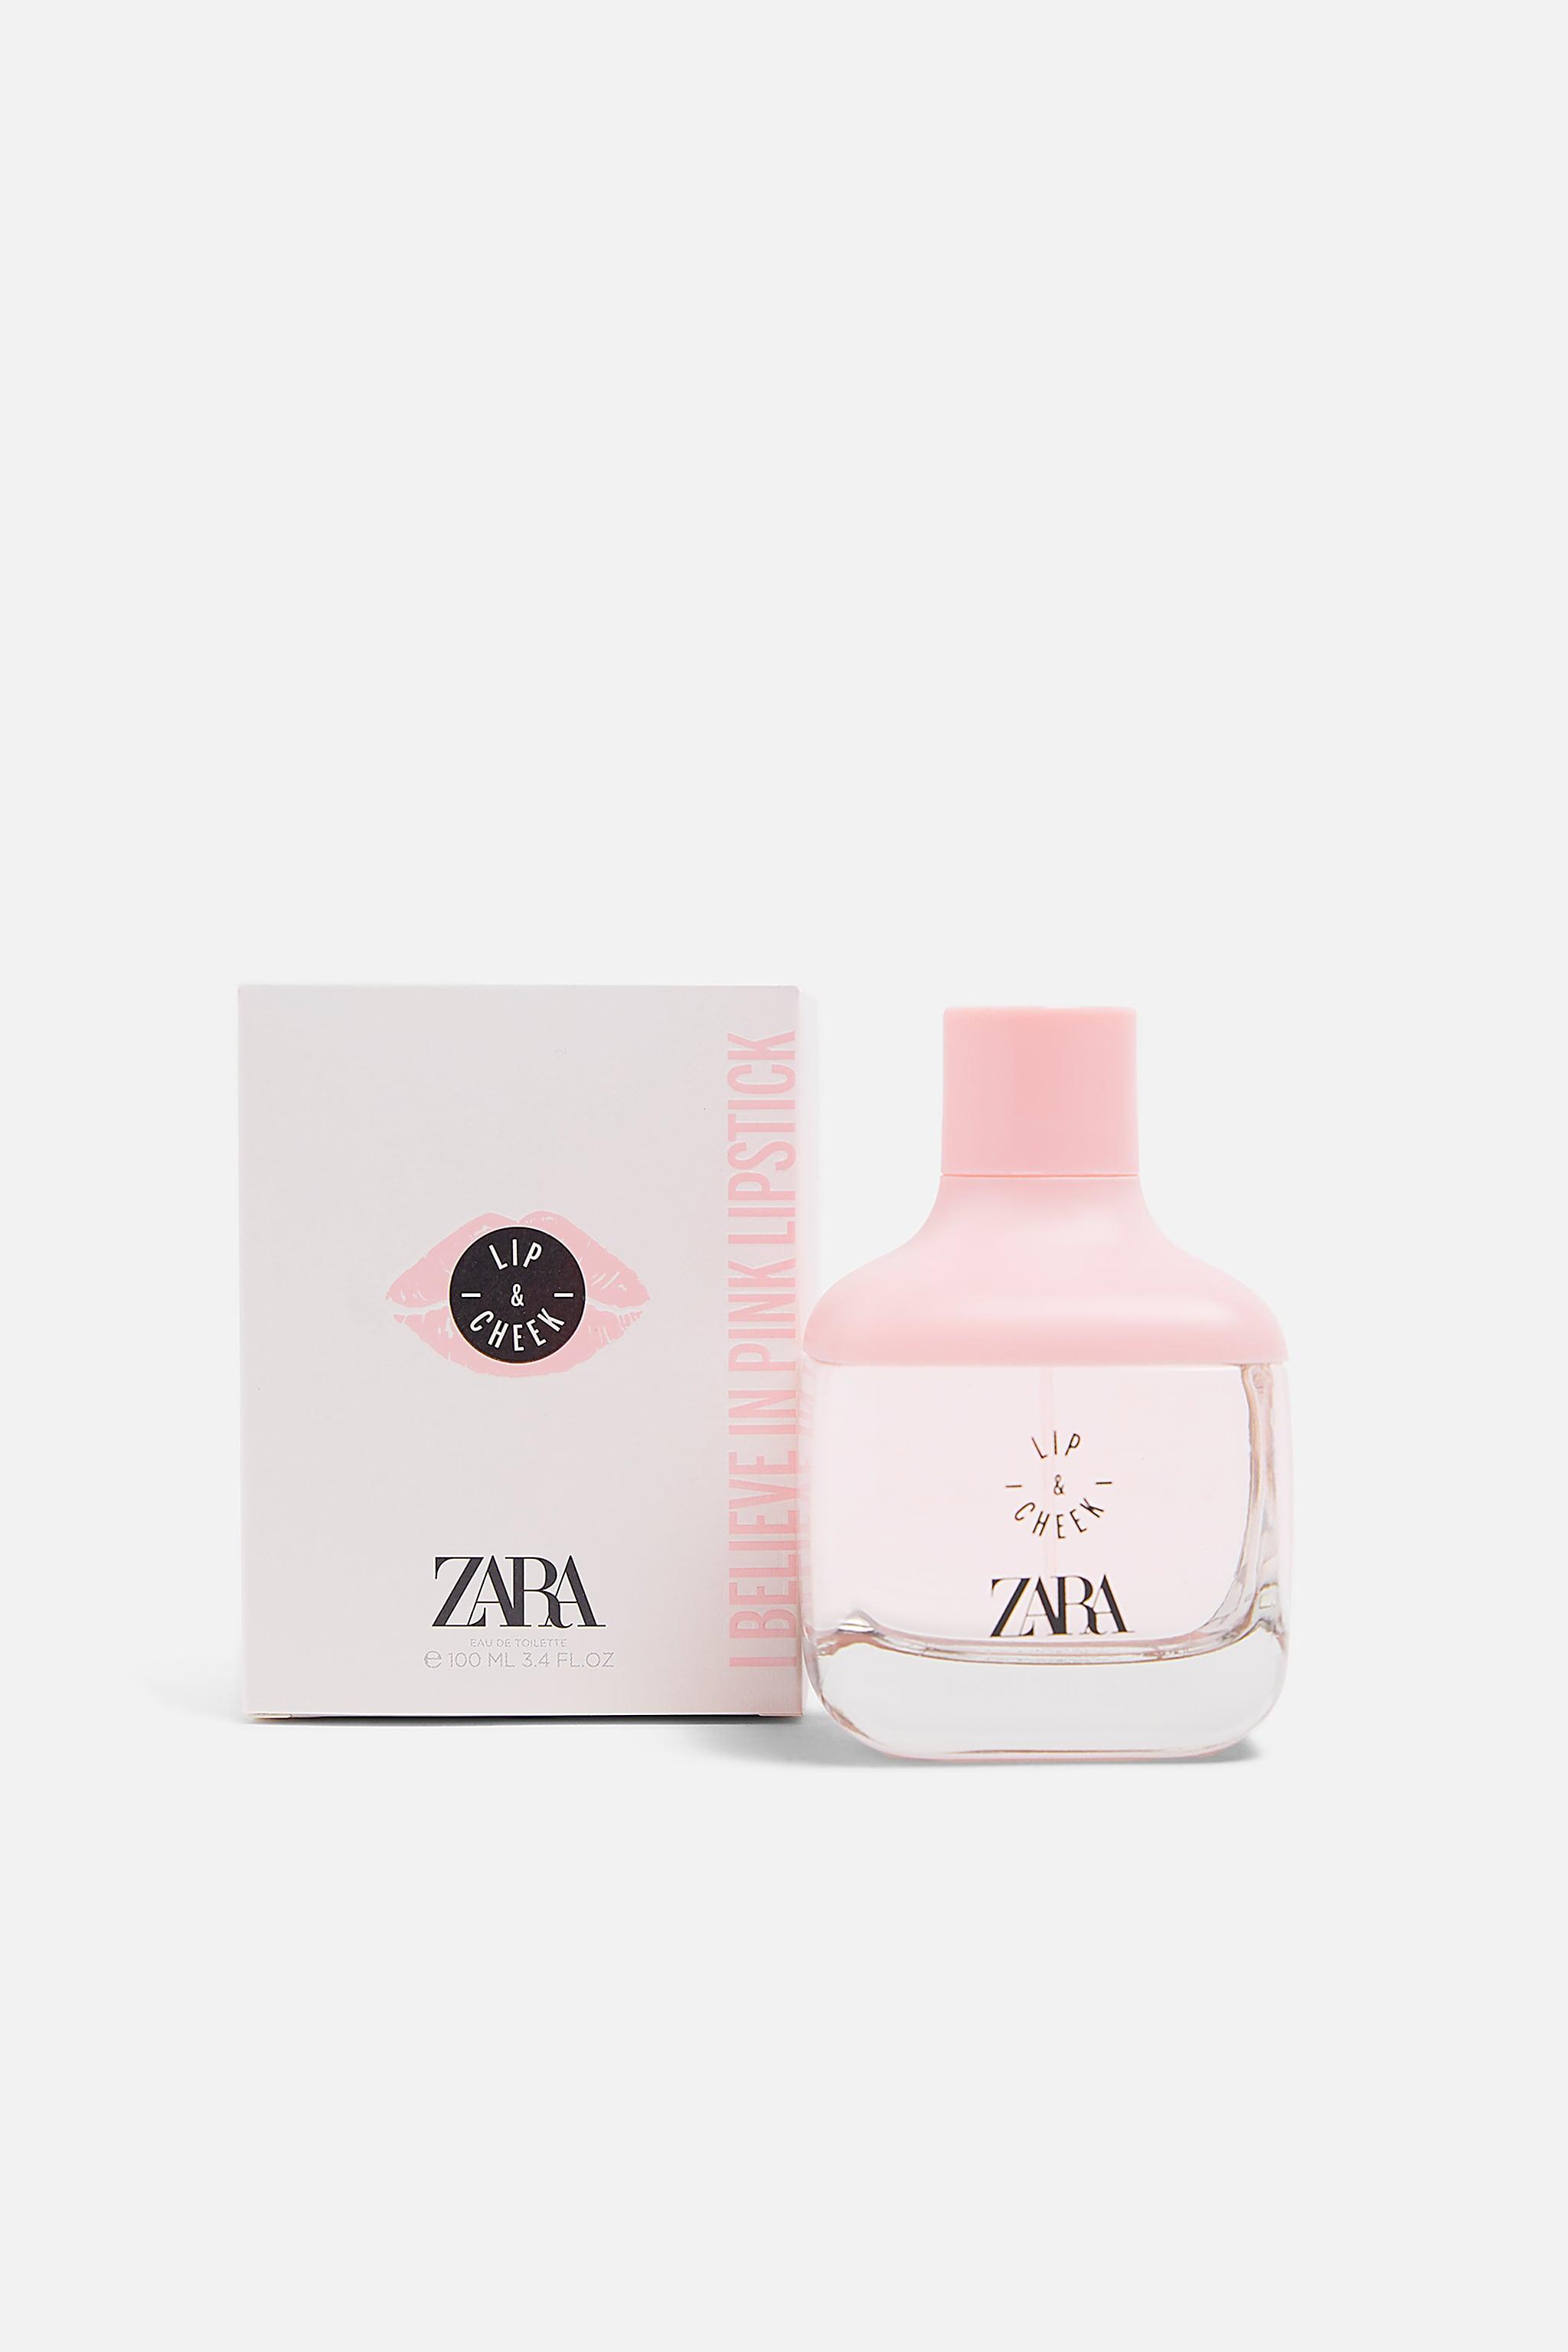 Zara ZARA LIP&CHEEK EDT 100 ML